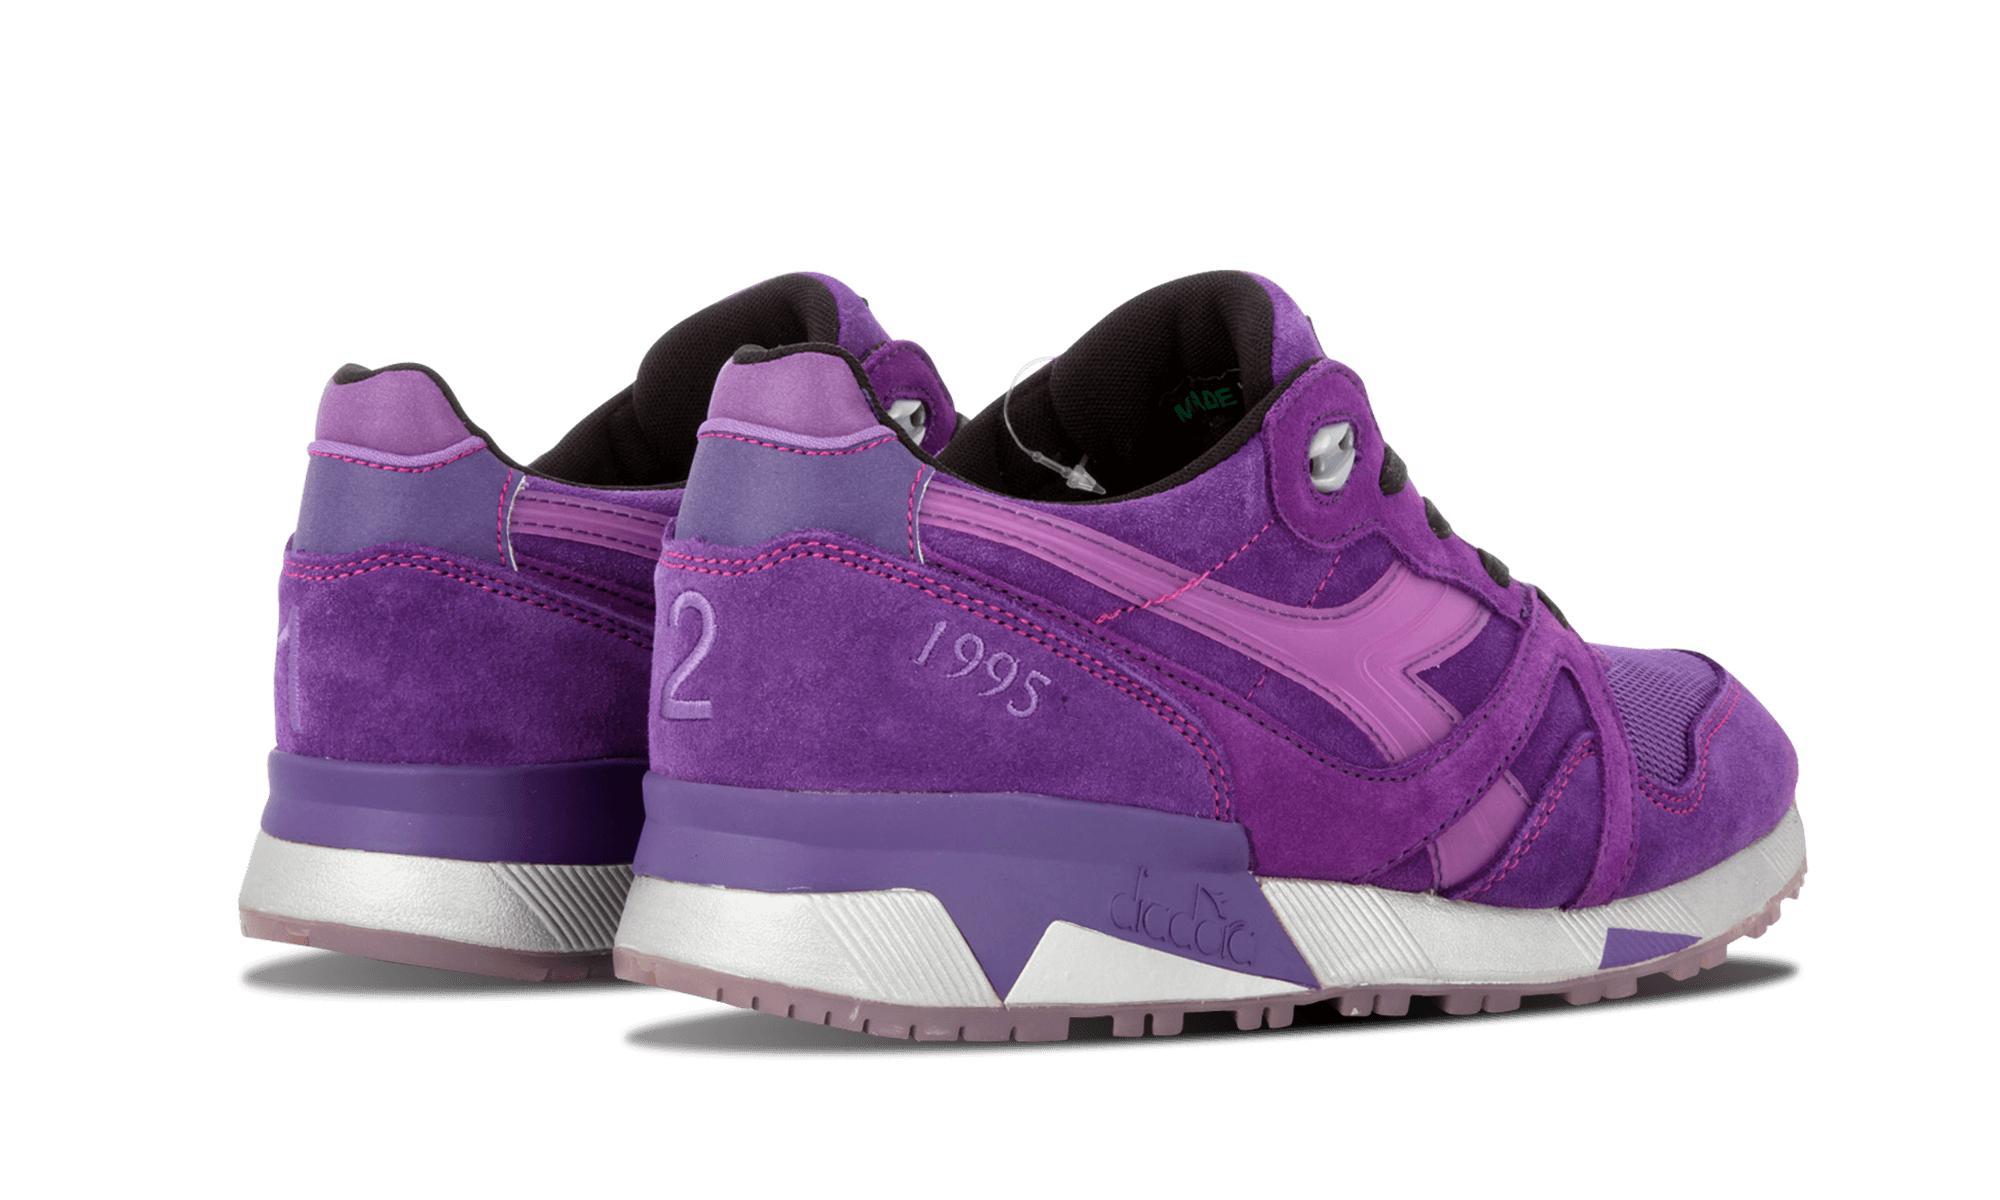 Nike Air Max 901 'Lavender' Purple Basalt #airmax90